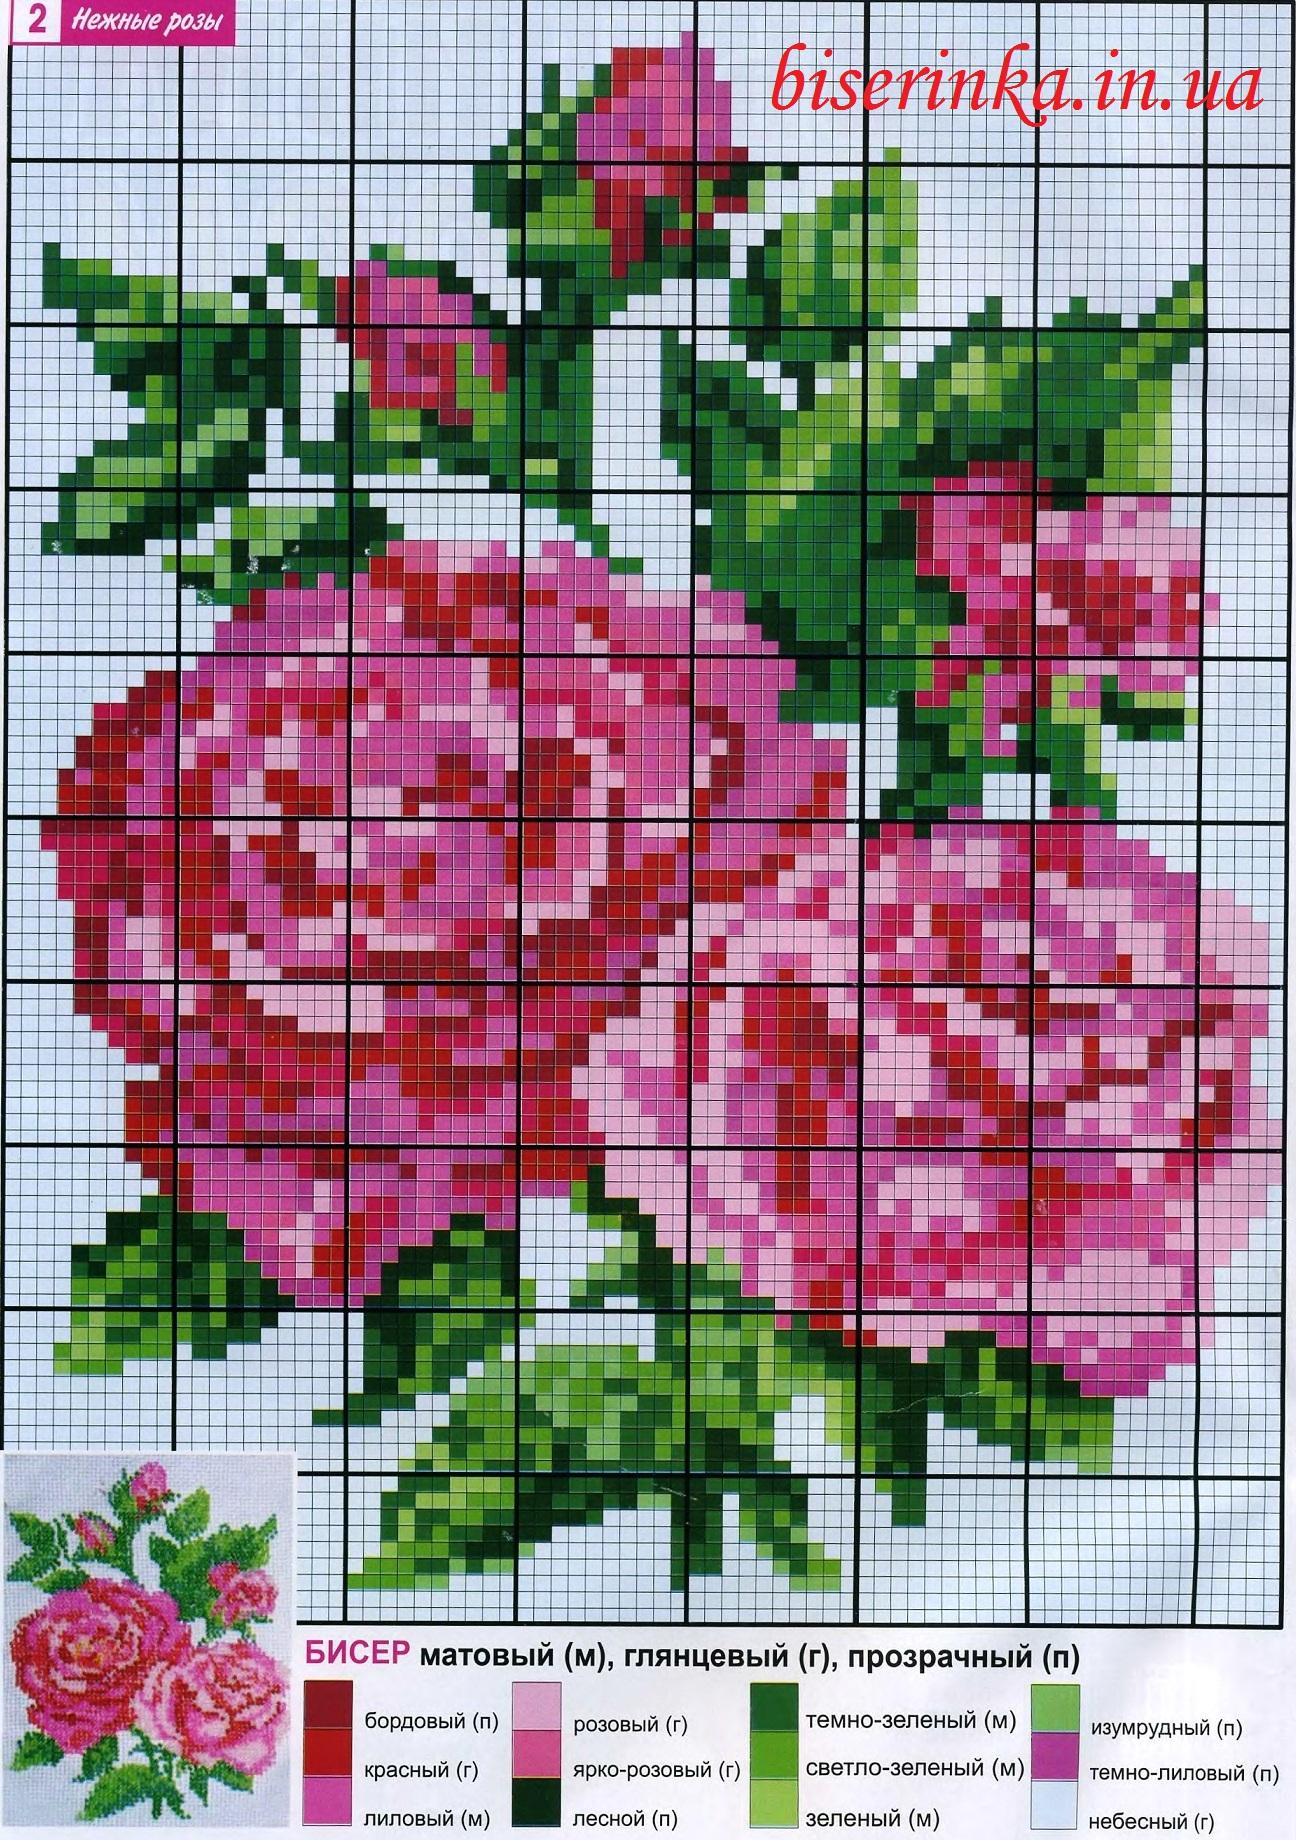 Букеты роз вышитые бисером Такая картина станет прекрасным подарком, ведь розы универсальны и своей красотой сводят с...